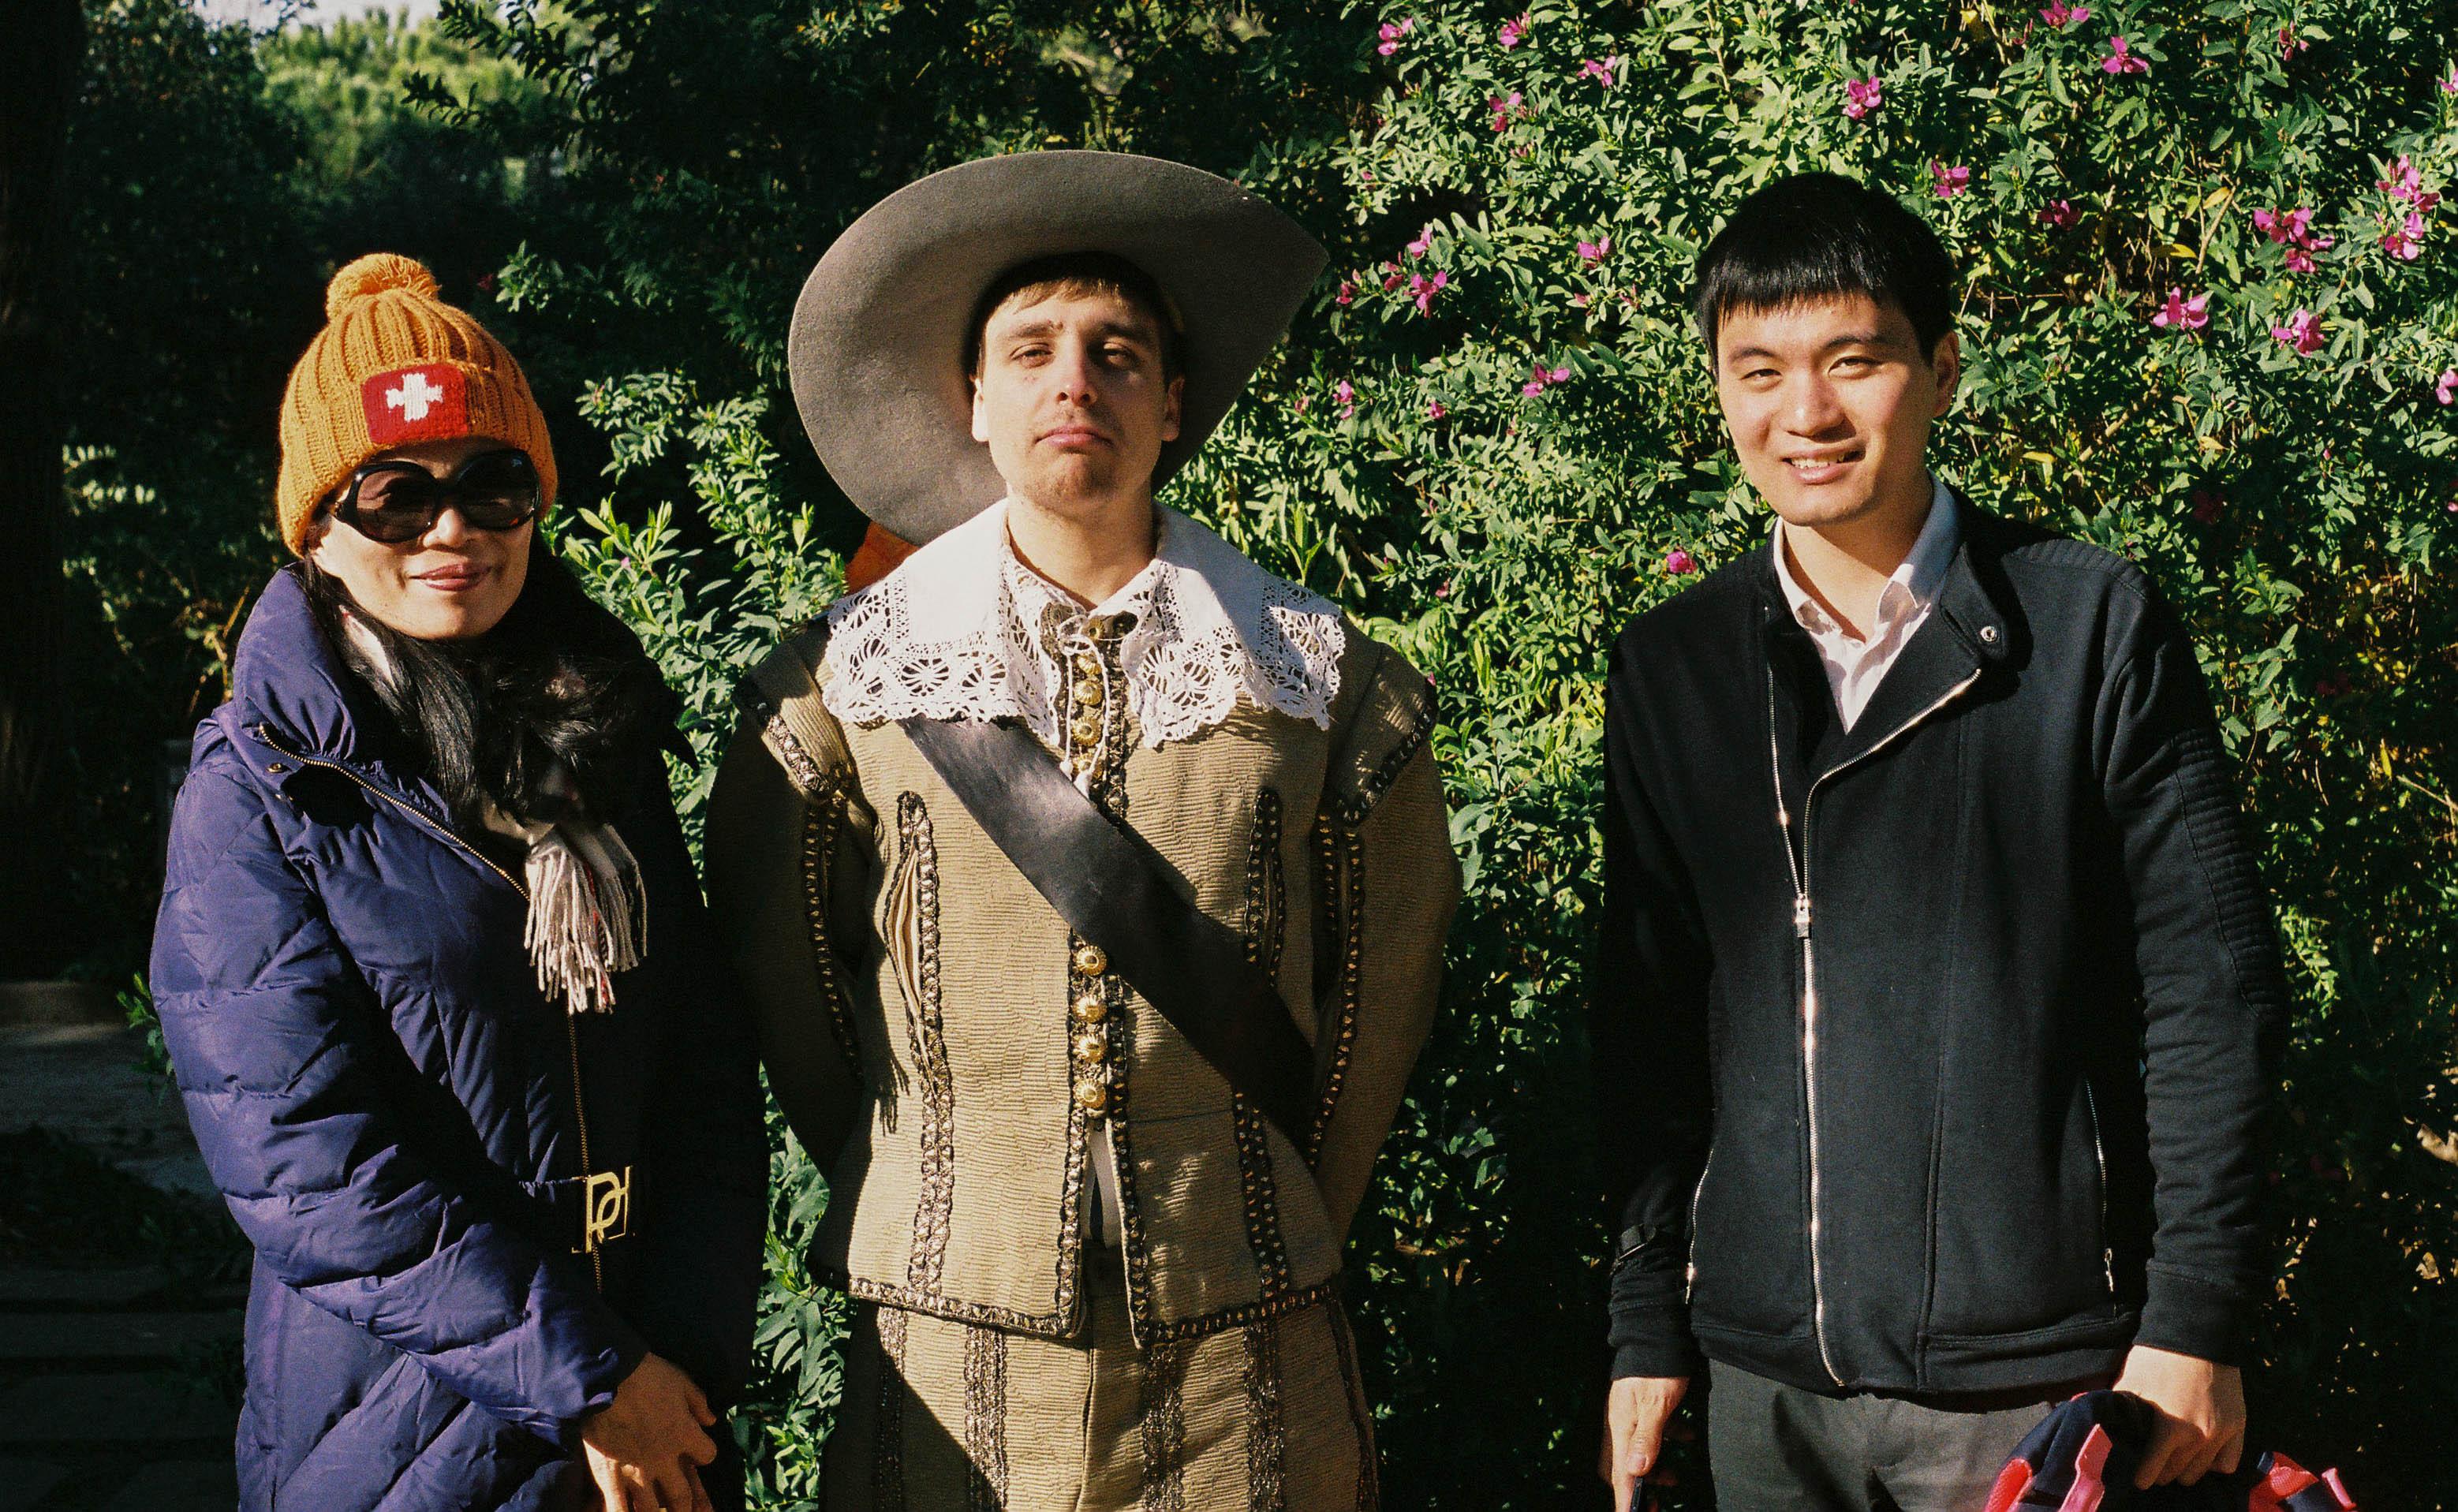 http://lafilladelfotografu.irenavisa.com/files/gimgs/98_f1000010-1.jpg